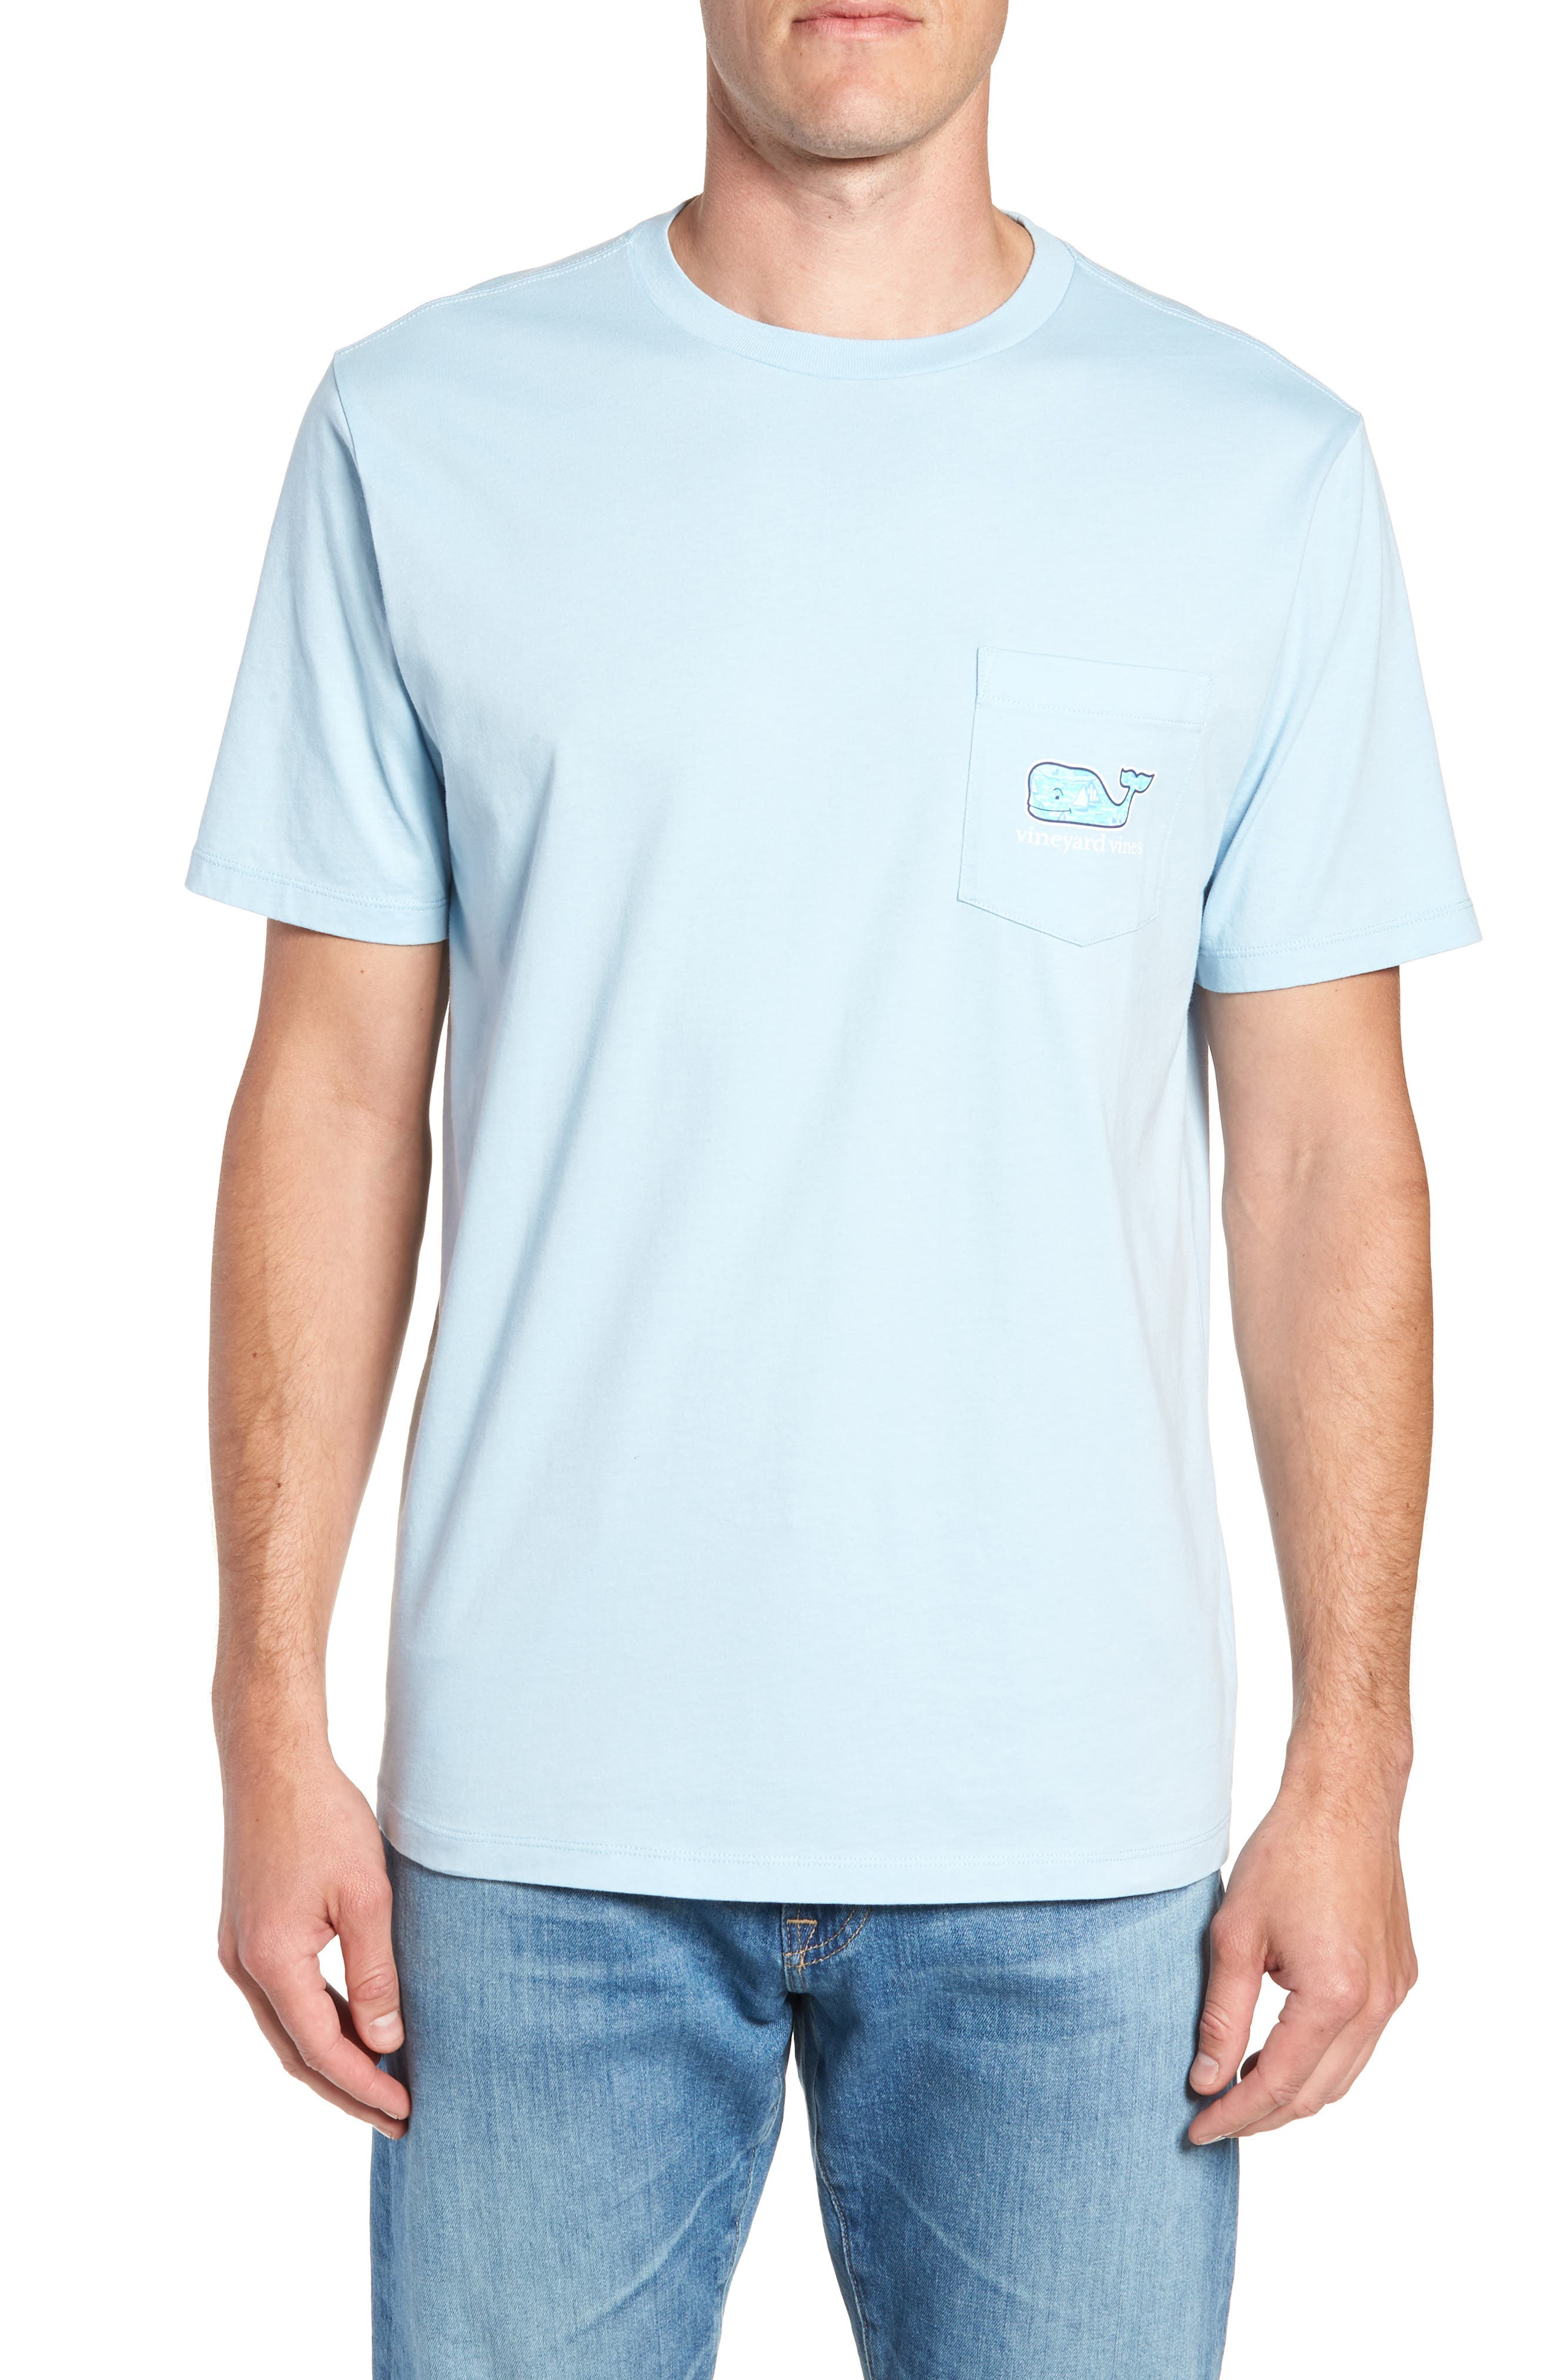 Sailing the Vineyard Pocket T-Shirt,                             Main thumbnail 1, color,                             456